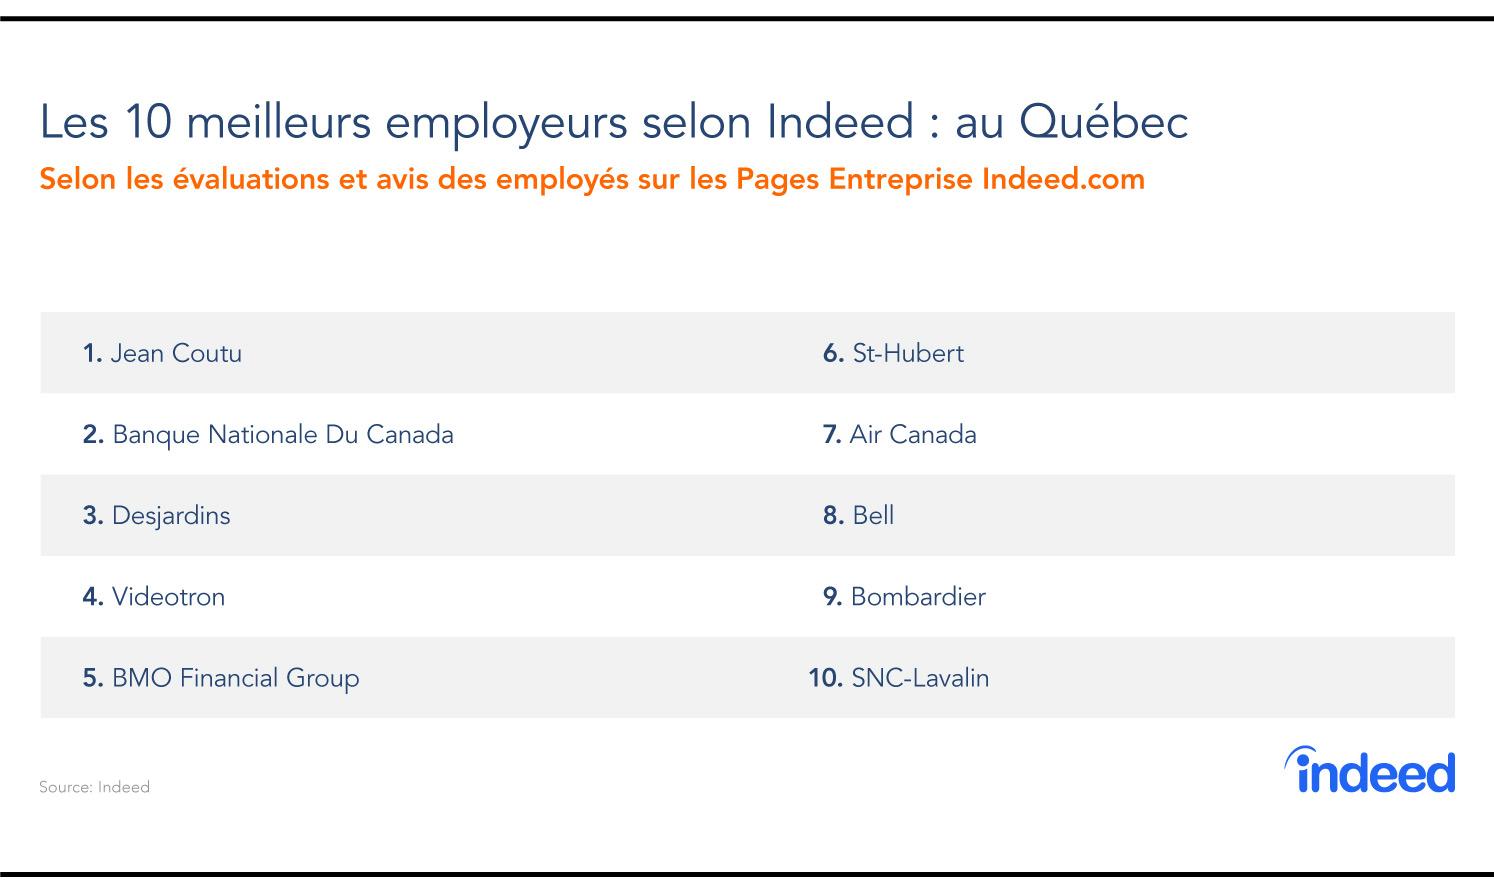 Les 10 meilleurs employeurs au Québec, selon